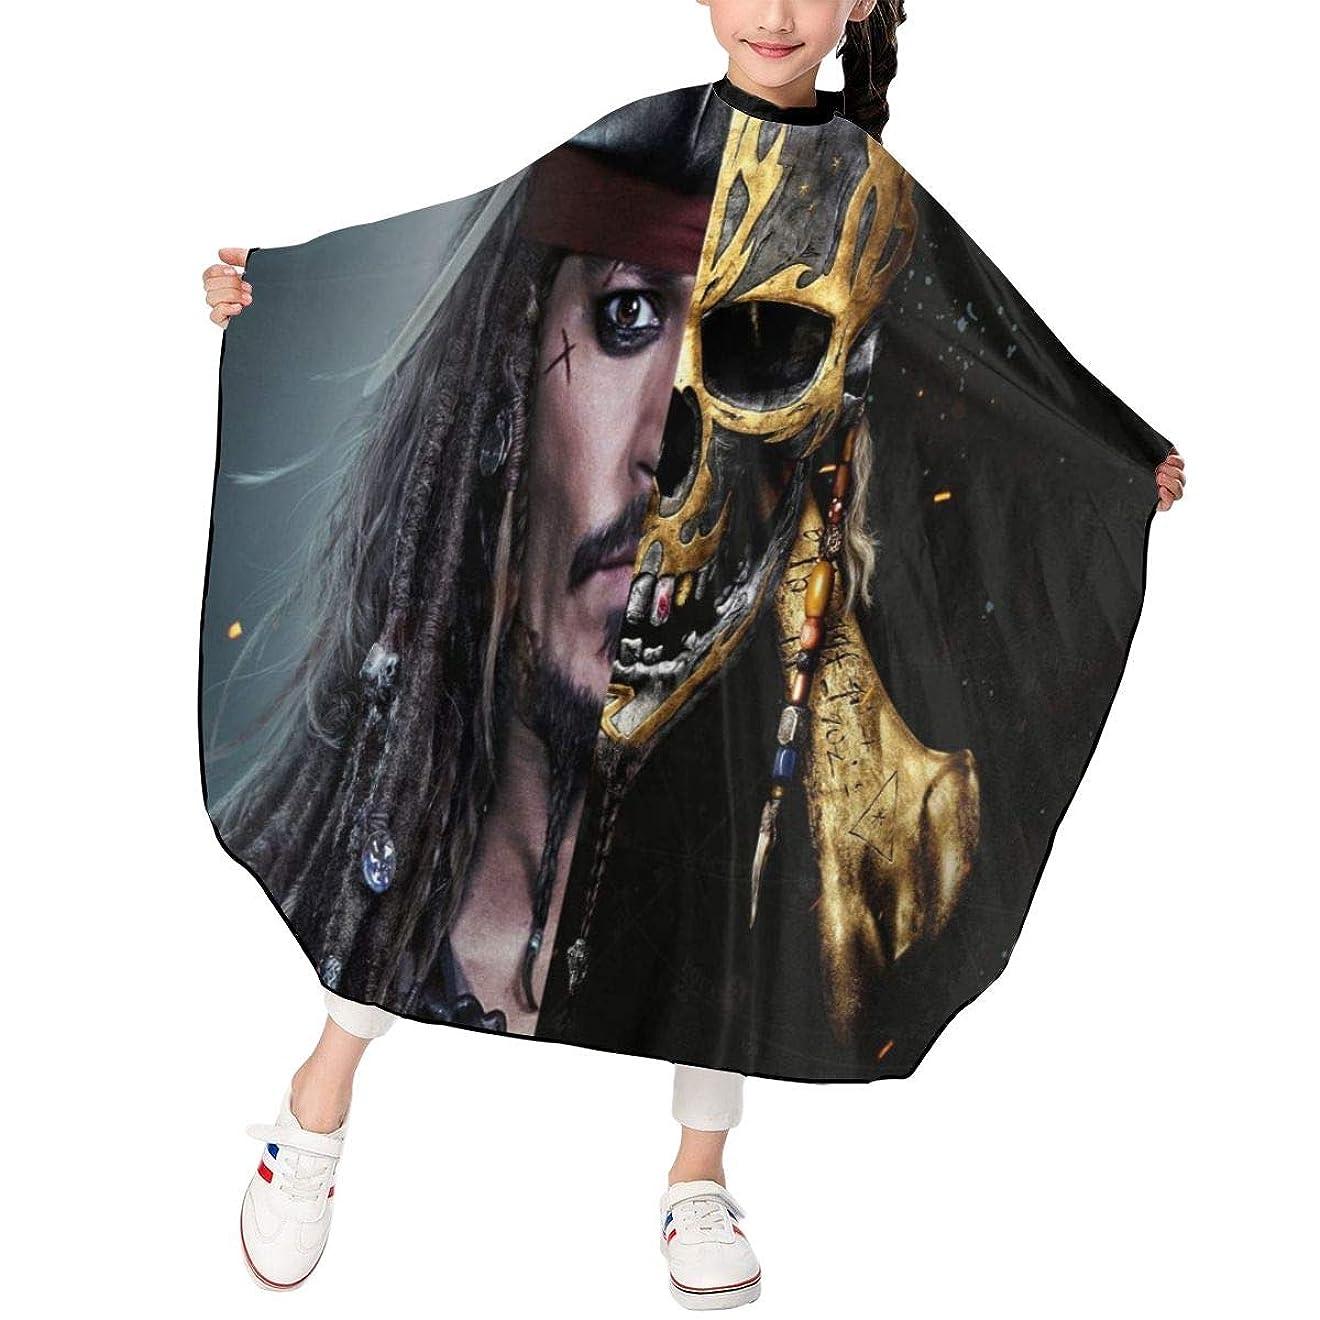 寸前期間流体最新の人気ヘアカットエプロン 子供用ヘアカットエプロン120×100cm 海賊ジャックキャプテンCaptain Jack 柔らかく、軽量で、繊細なポリエステル生地、肌にやさしい、ドライ